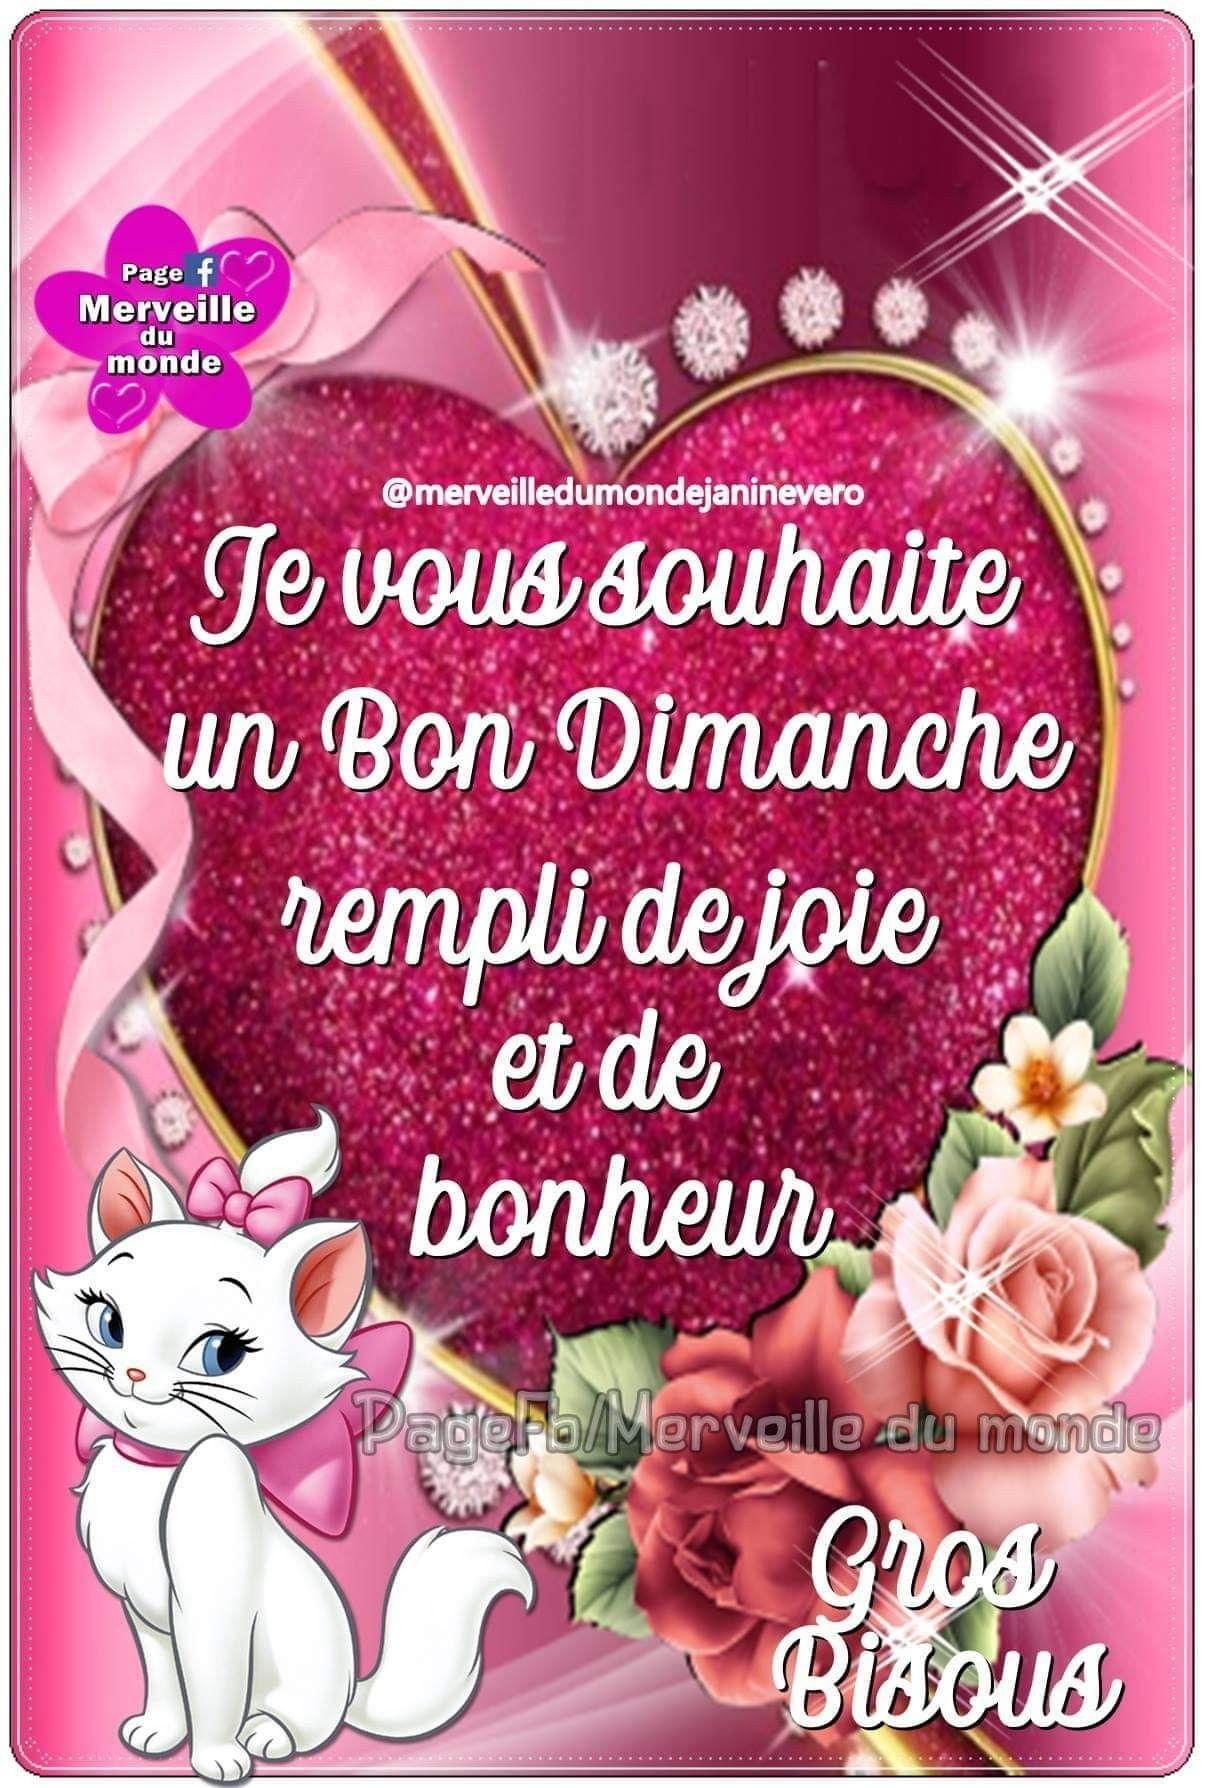 Pin Van Annick Robinet Op Dimanche avec Bon The Bonheur